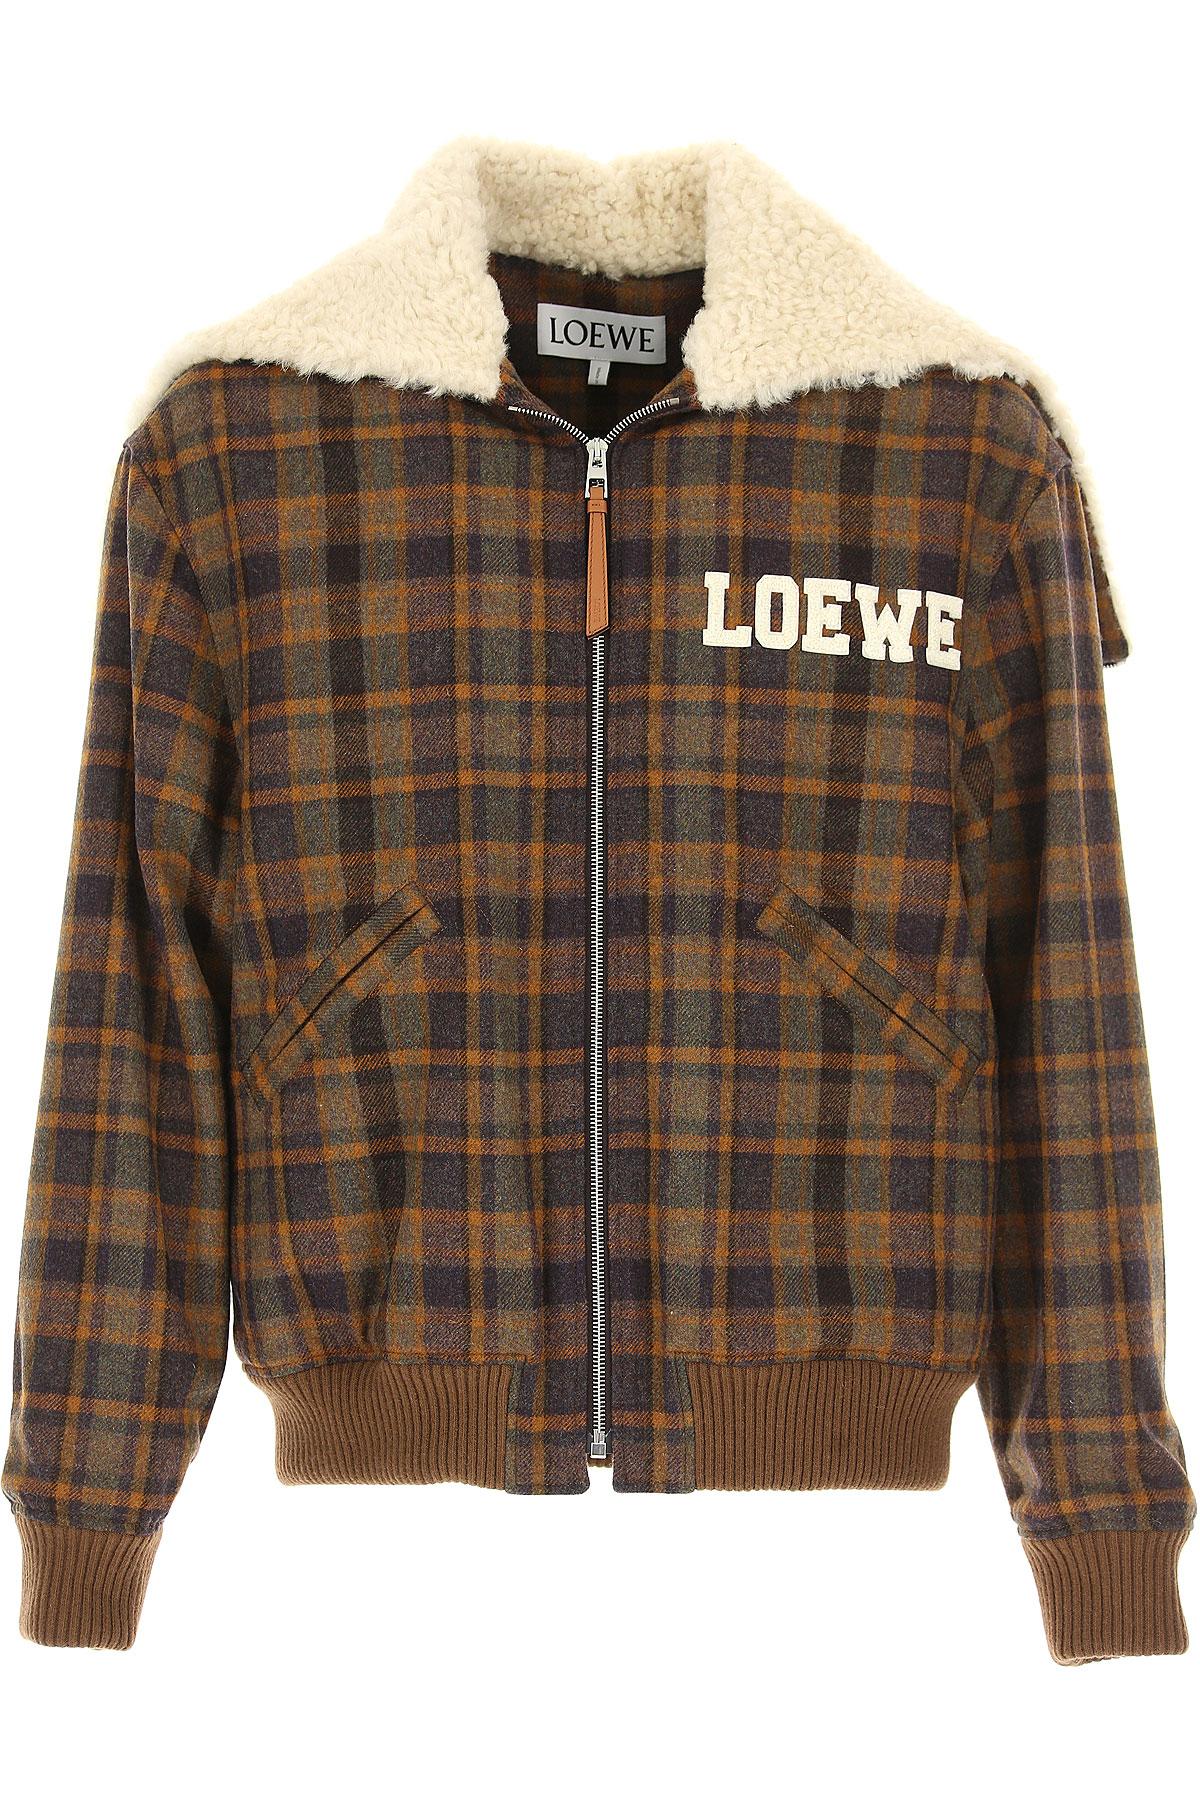 Image of Loewe Jacket for Men, Brown, merino wool, 2017, M S